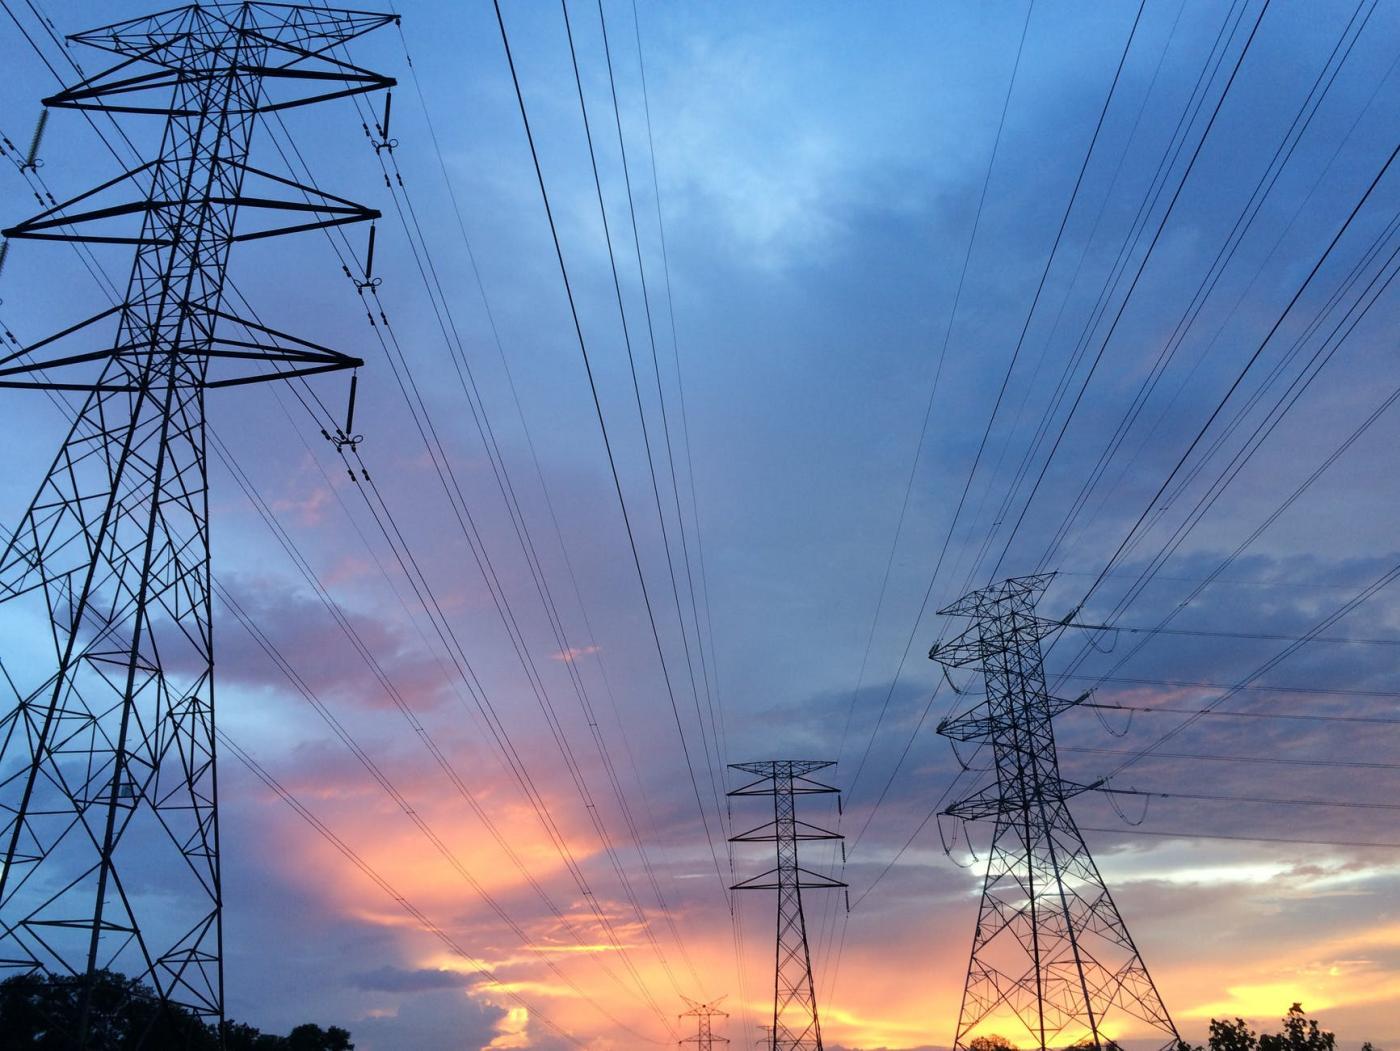 Wyłączenia prądu w Żorach. Sprawdź gdzie zabraknie prądu [18.12 - 19.12]